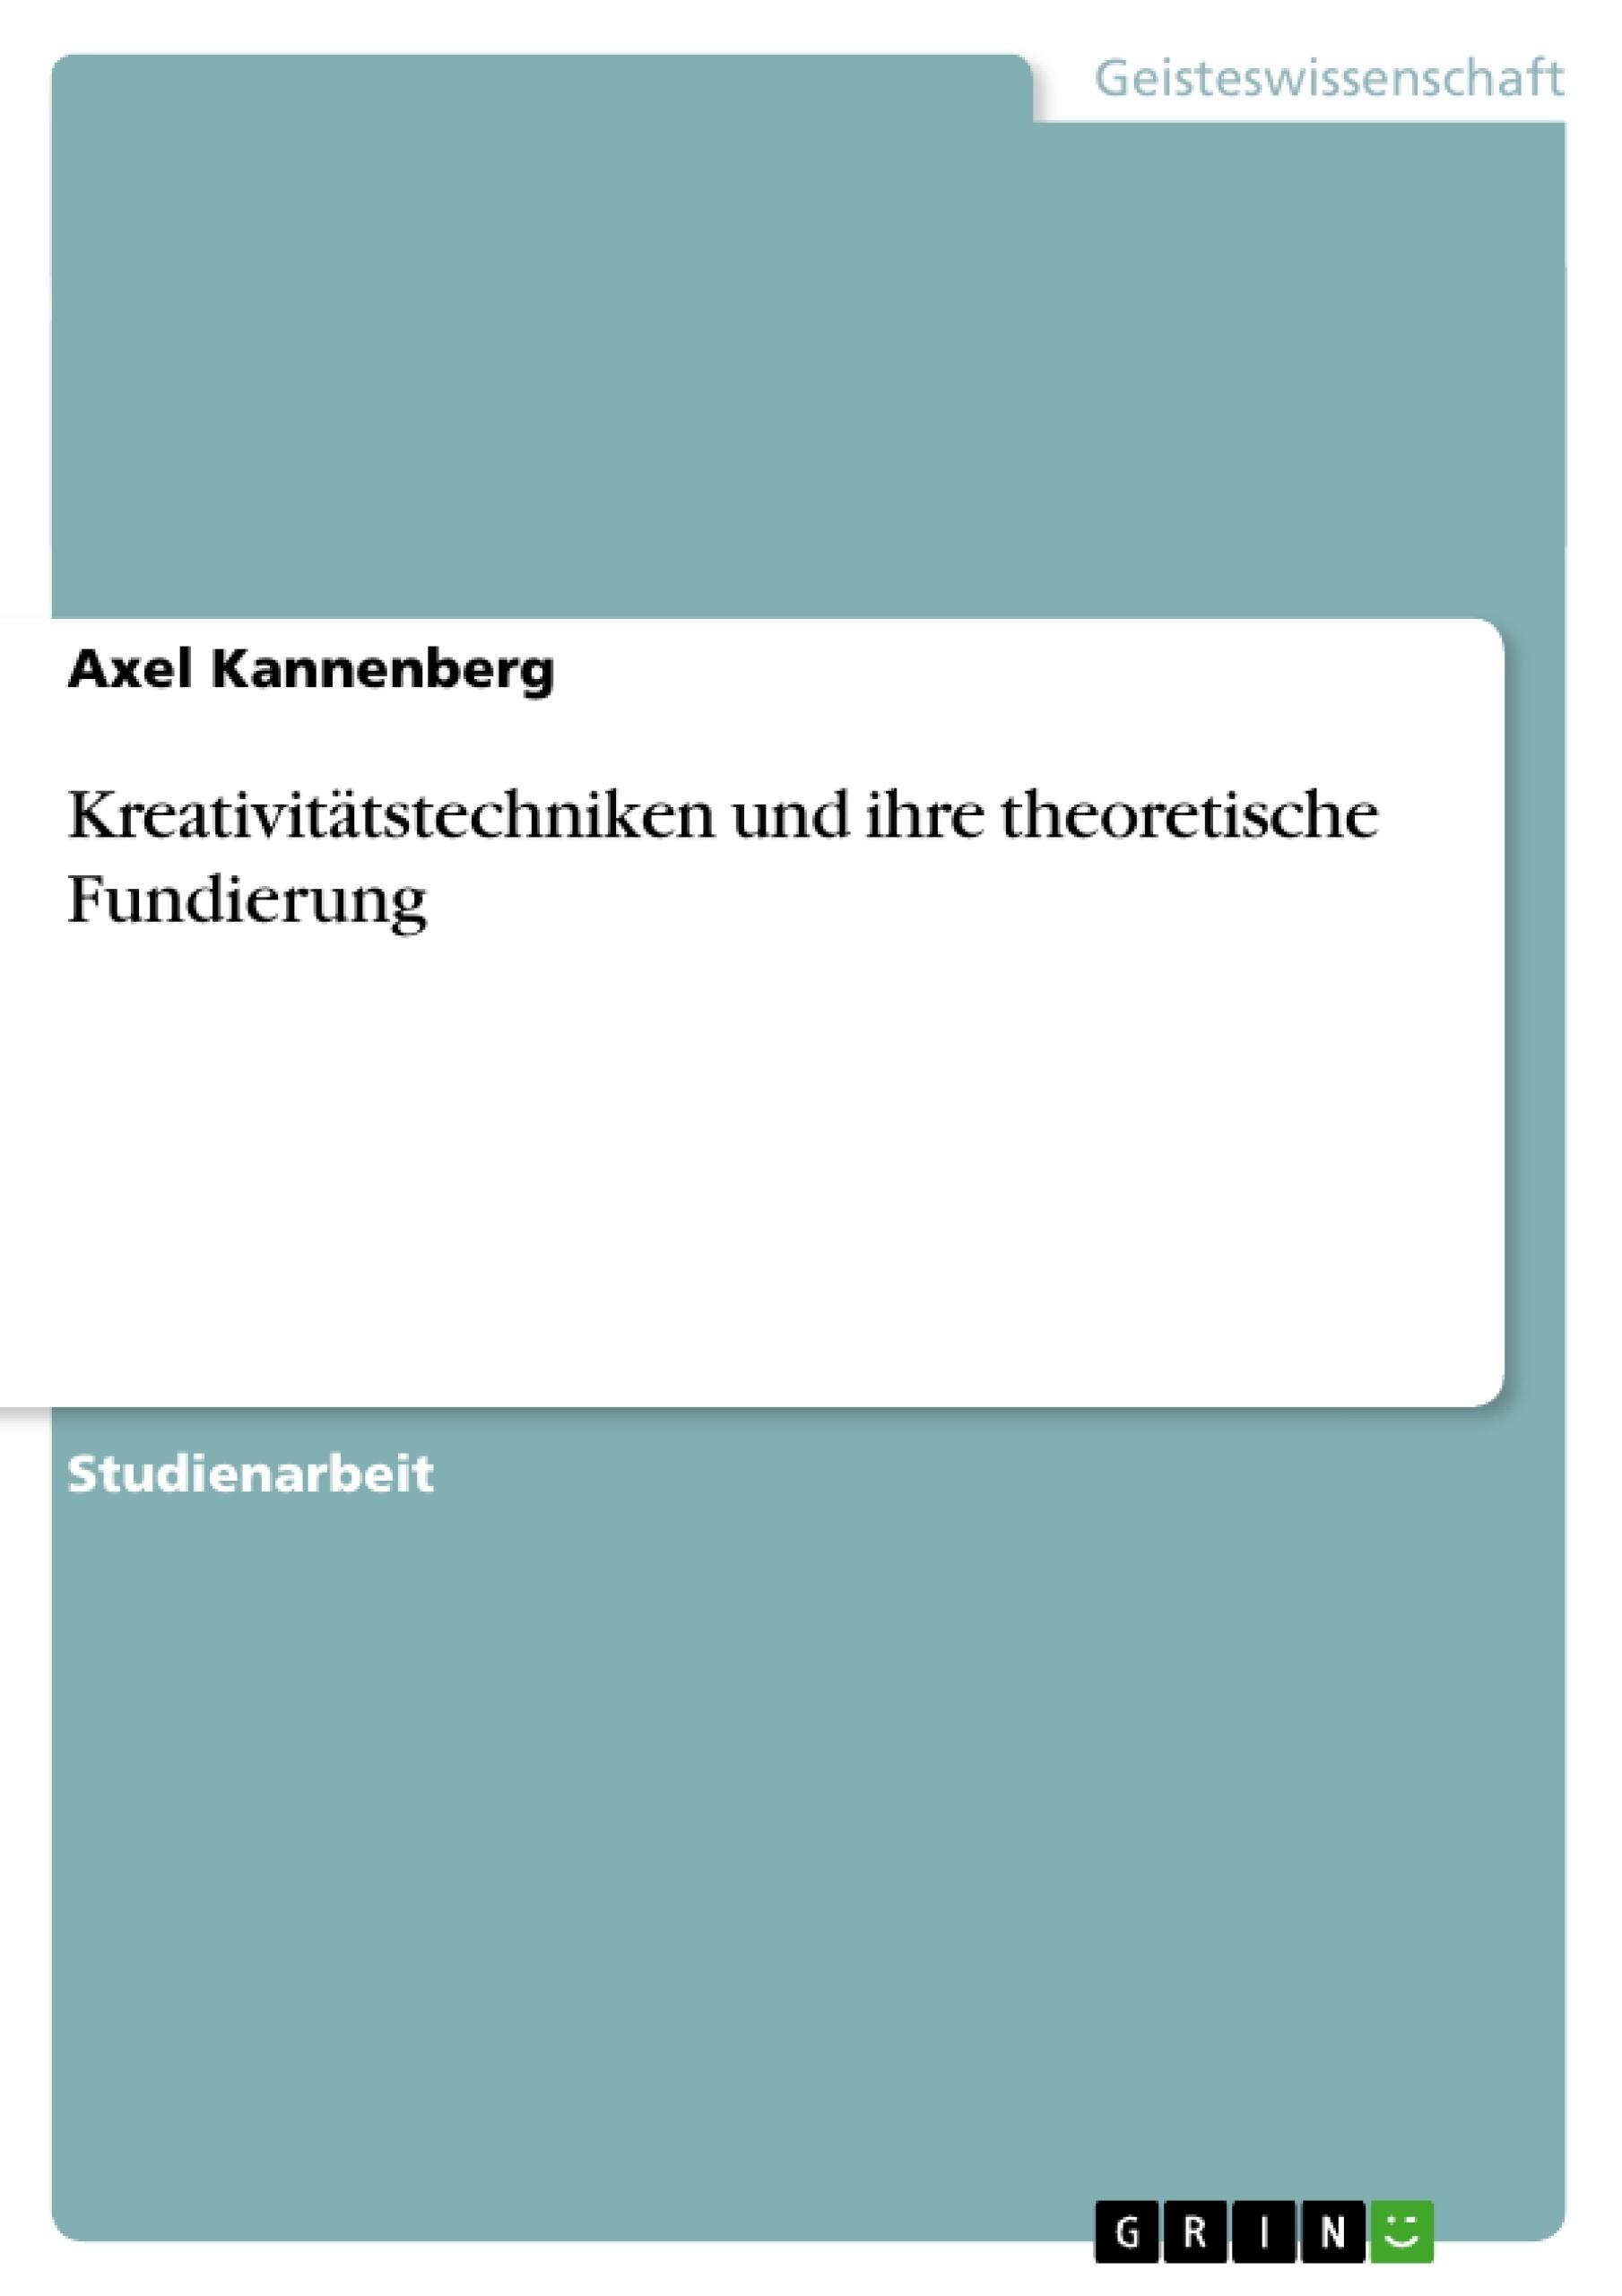 Titel: Kreativitätstechniken und ihre theoretische Fundierung